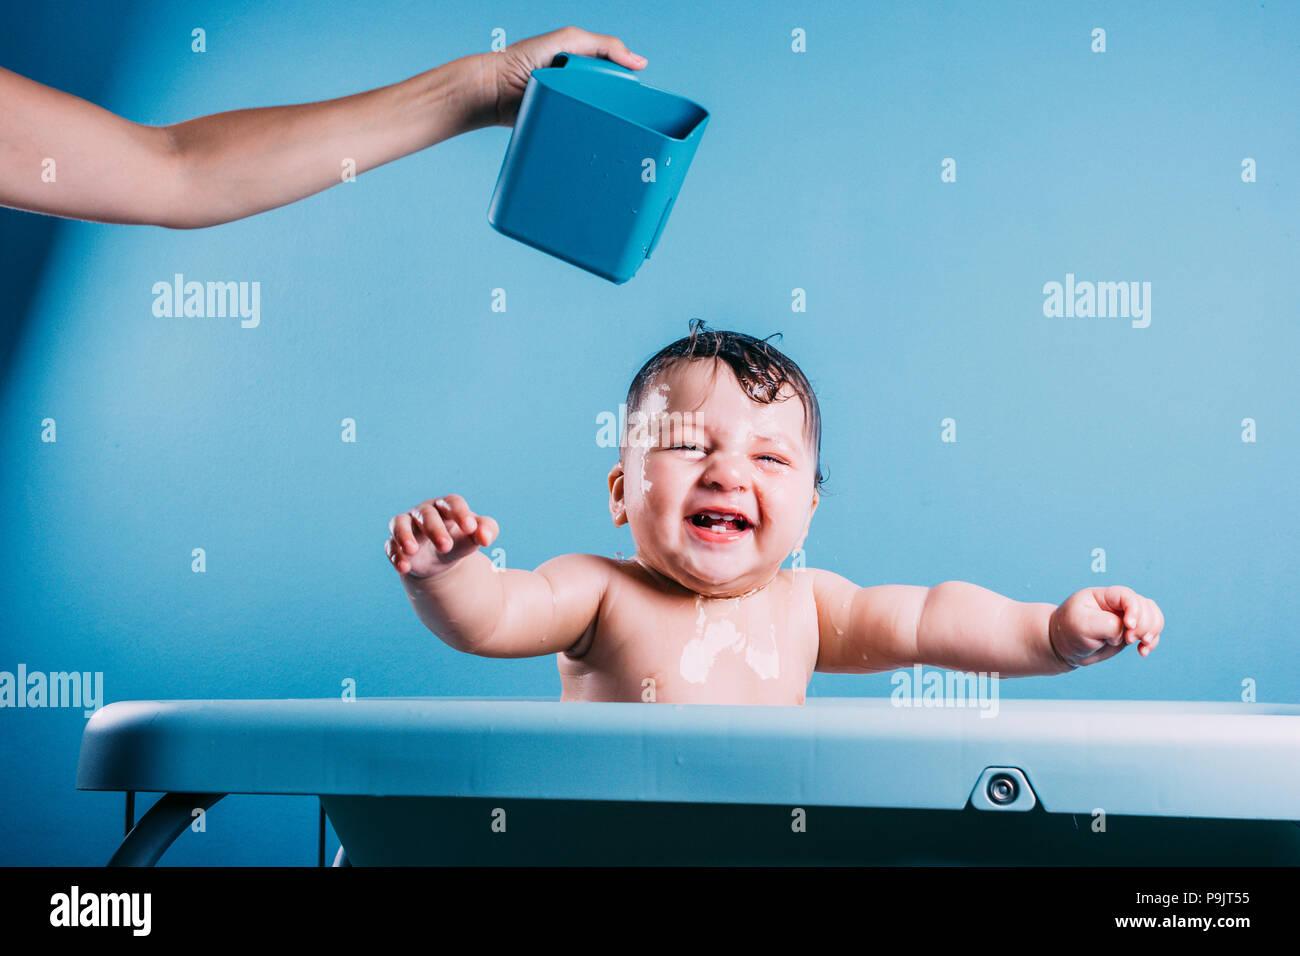 Glückliches lachendes Baby in der Badewanne. Lächelnd Kind ...